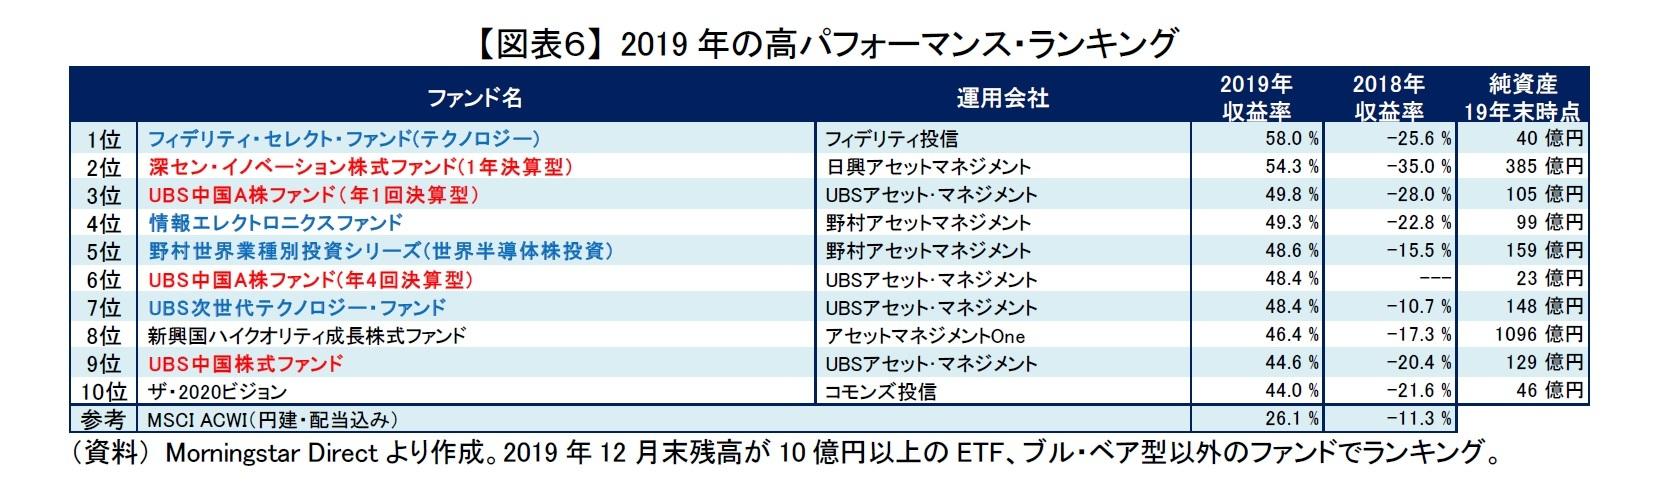 【図表6】 2019年の高パフォーマンス・ランキング